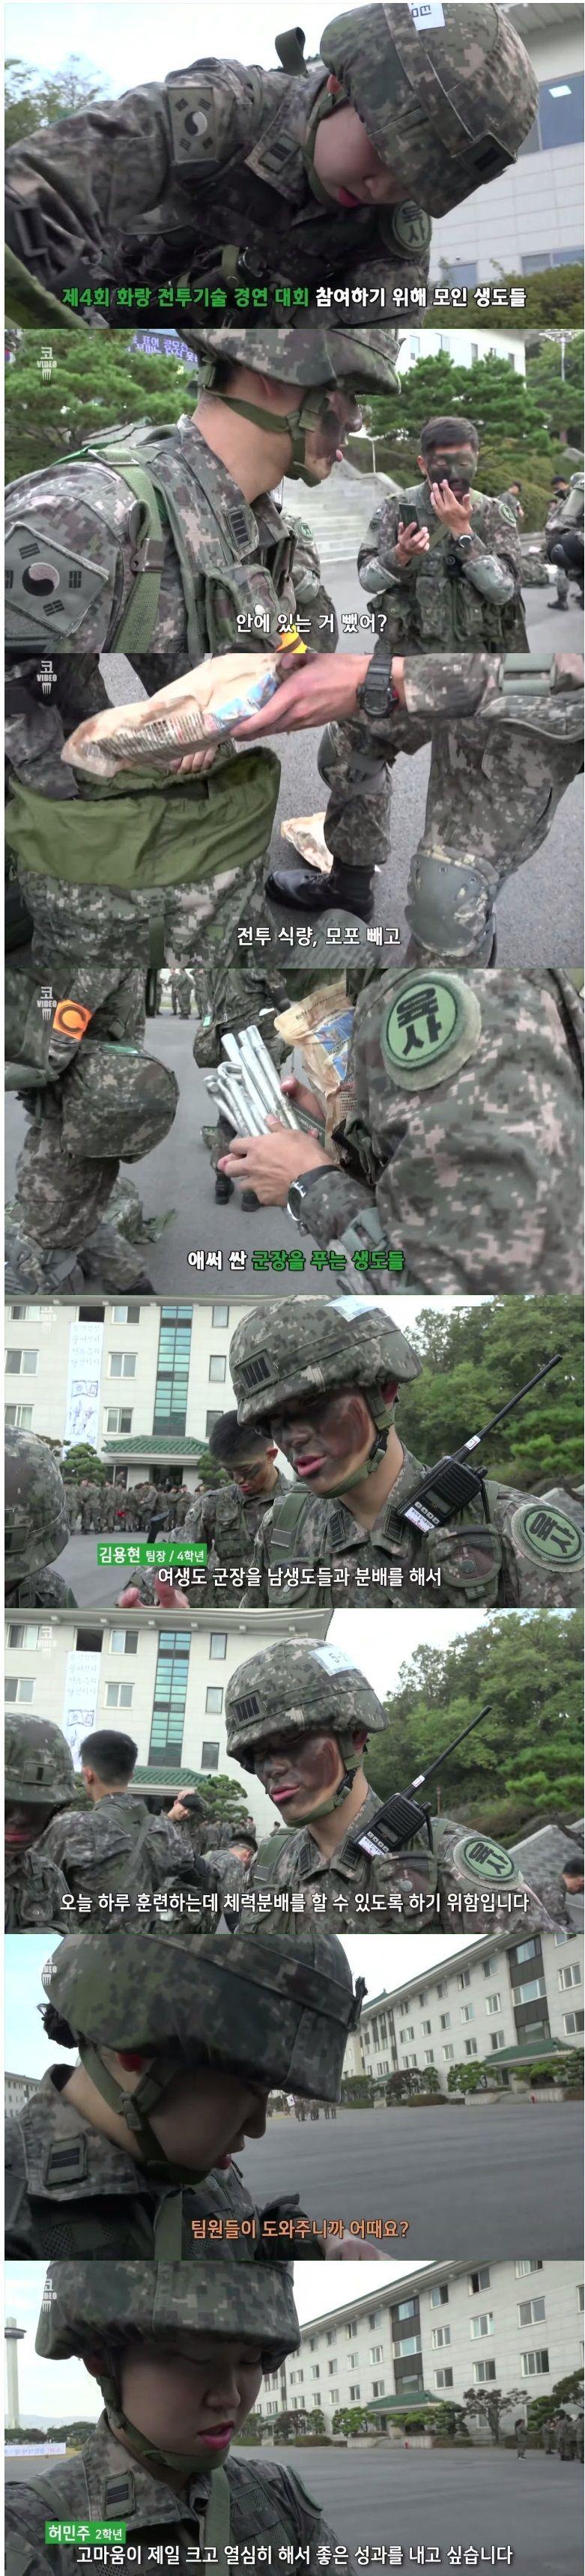 화랑 전투 기술 경연 대회 참여 위해 생도 전투 식량 모포 군광 김용현 학년 여생 군장